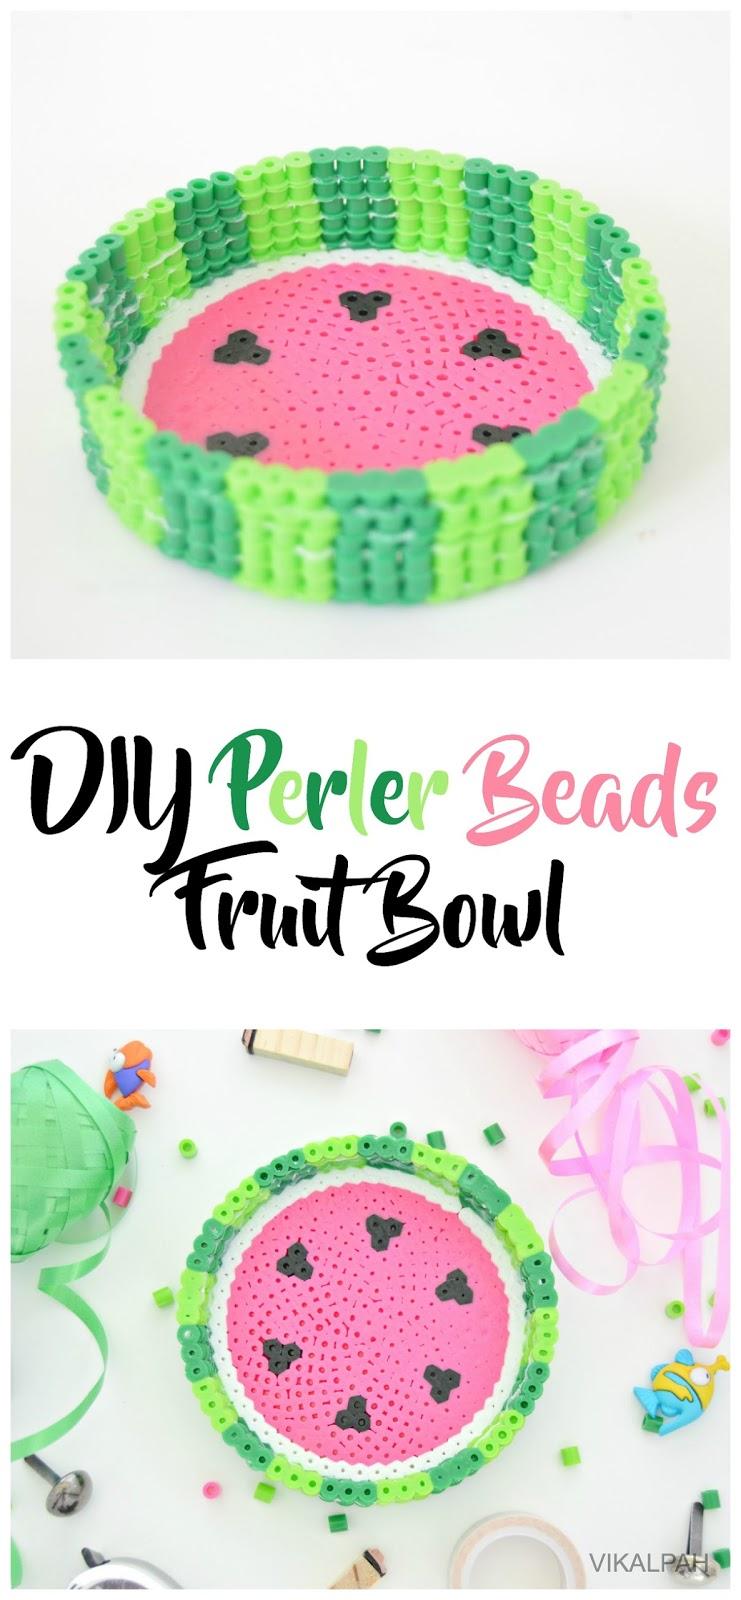 Vikalpah: DIY Perler Beads Fruit bowl